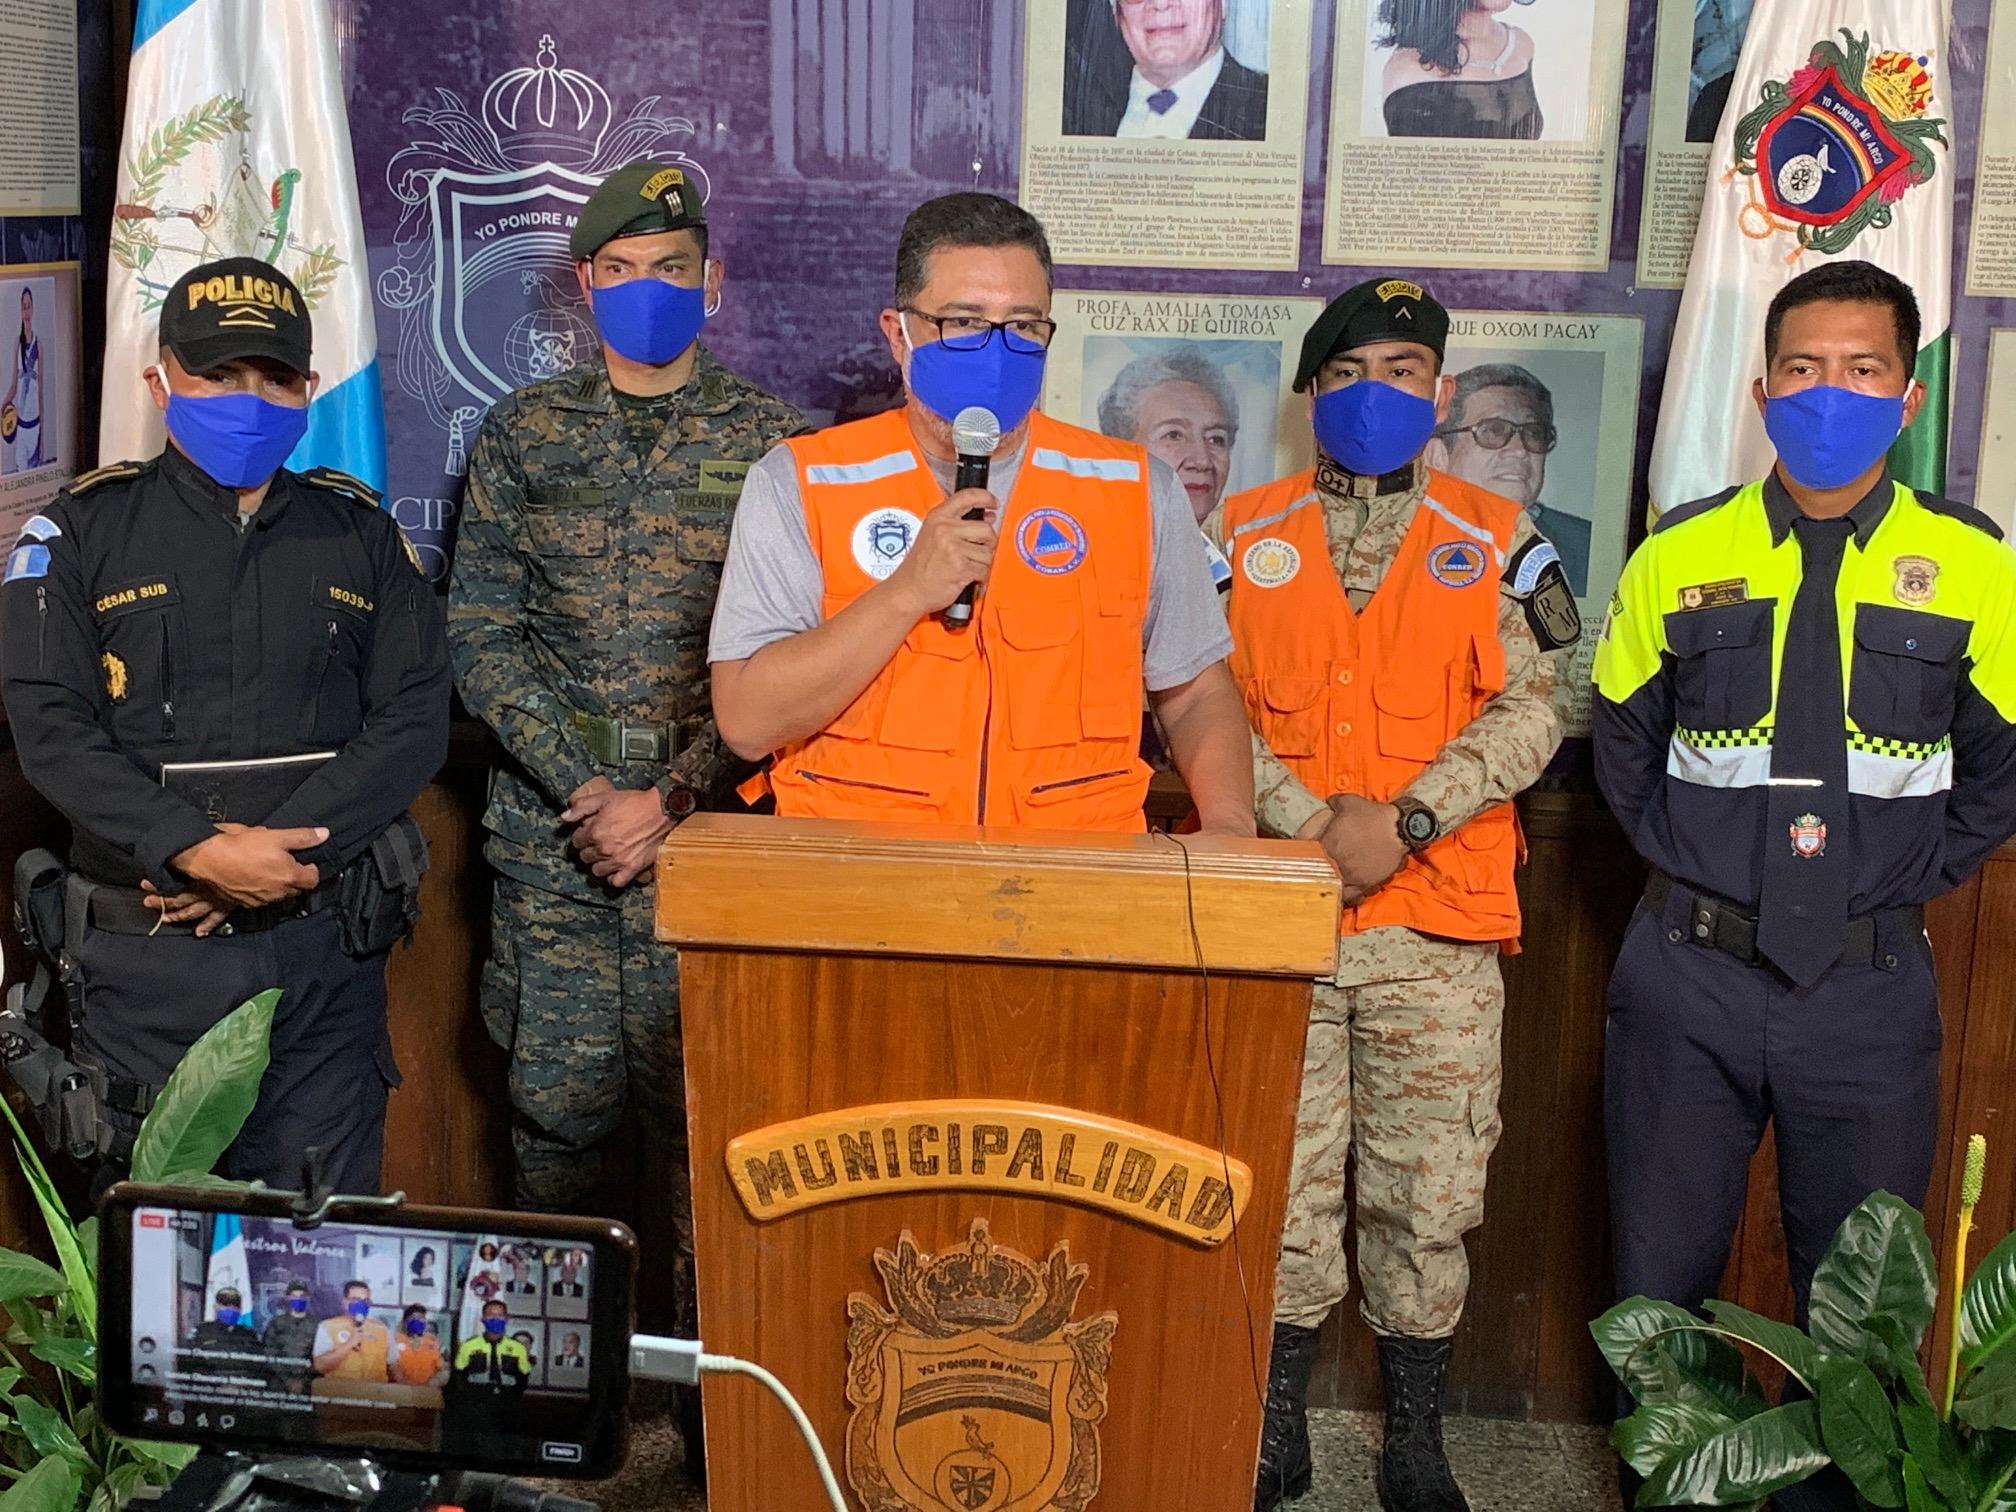 La Municipalidad de Cobán dio a conocer las nuevas medidas inmediatas para combatira el COVID-19. Además el lunes podrían confirmarse otras por parte del concejo municipal. (Foto: Eduardo Sam)